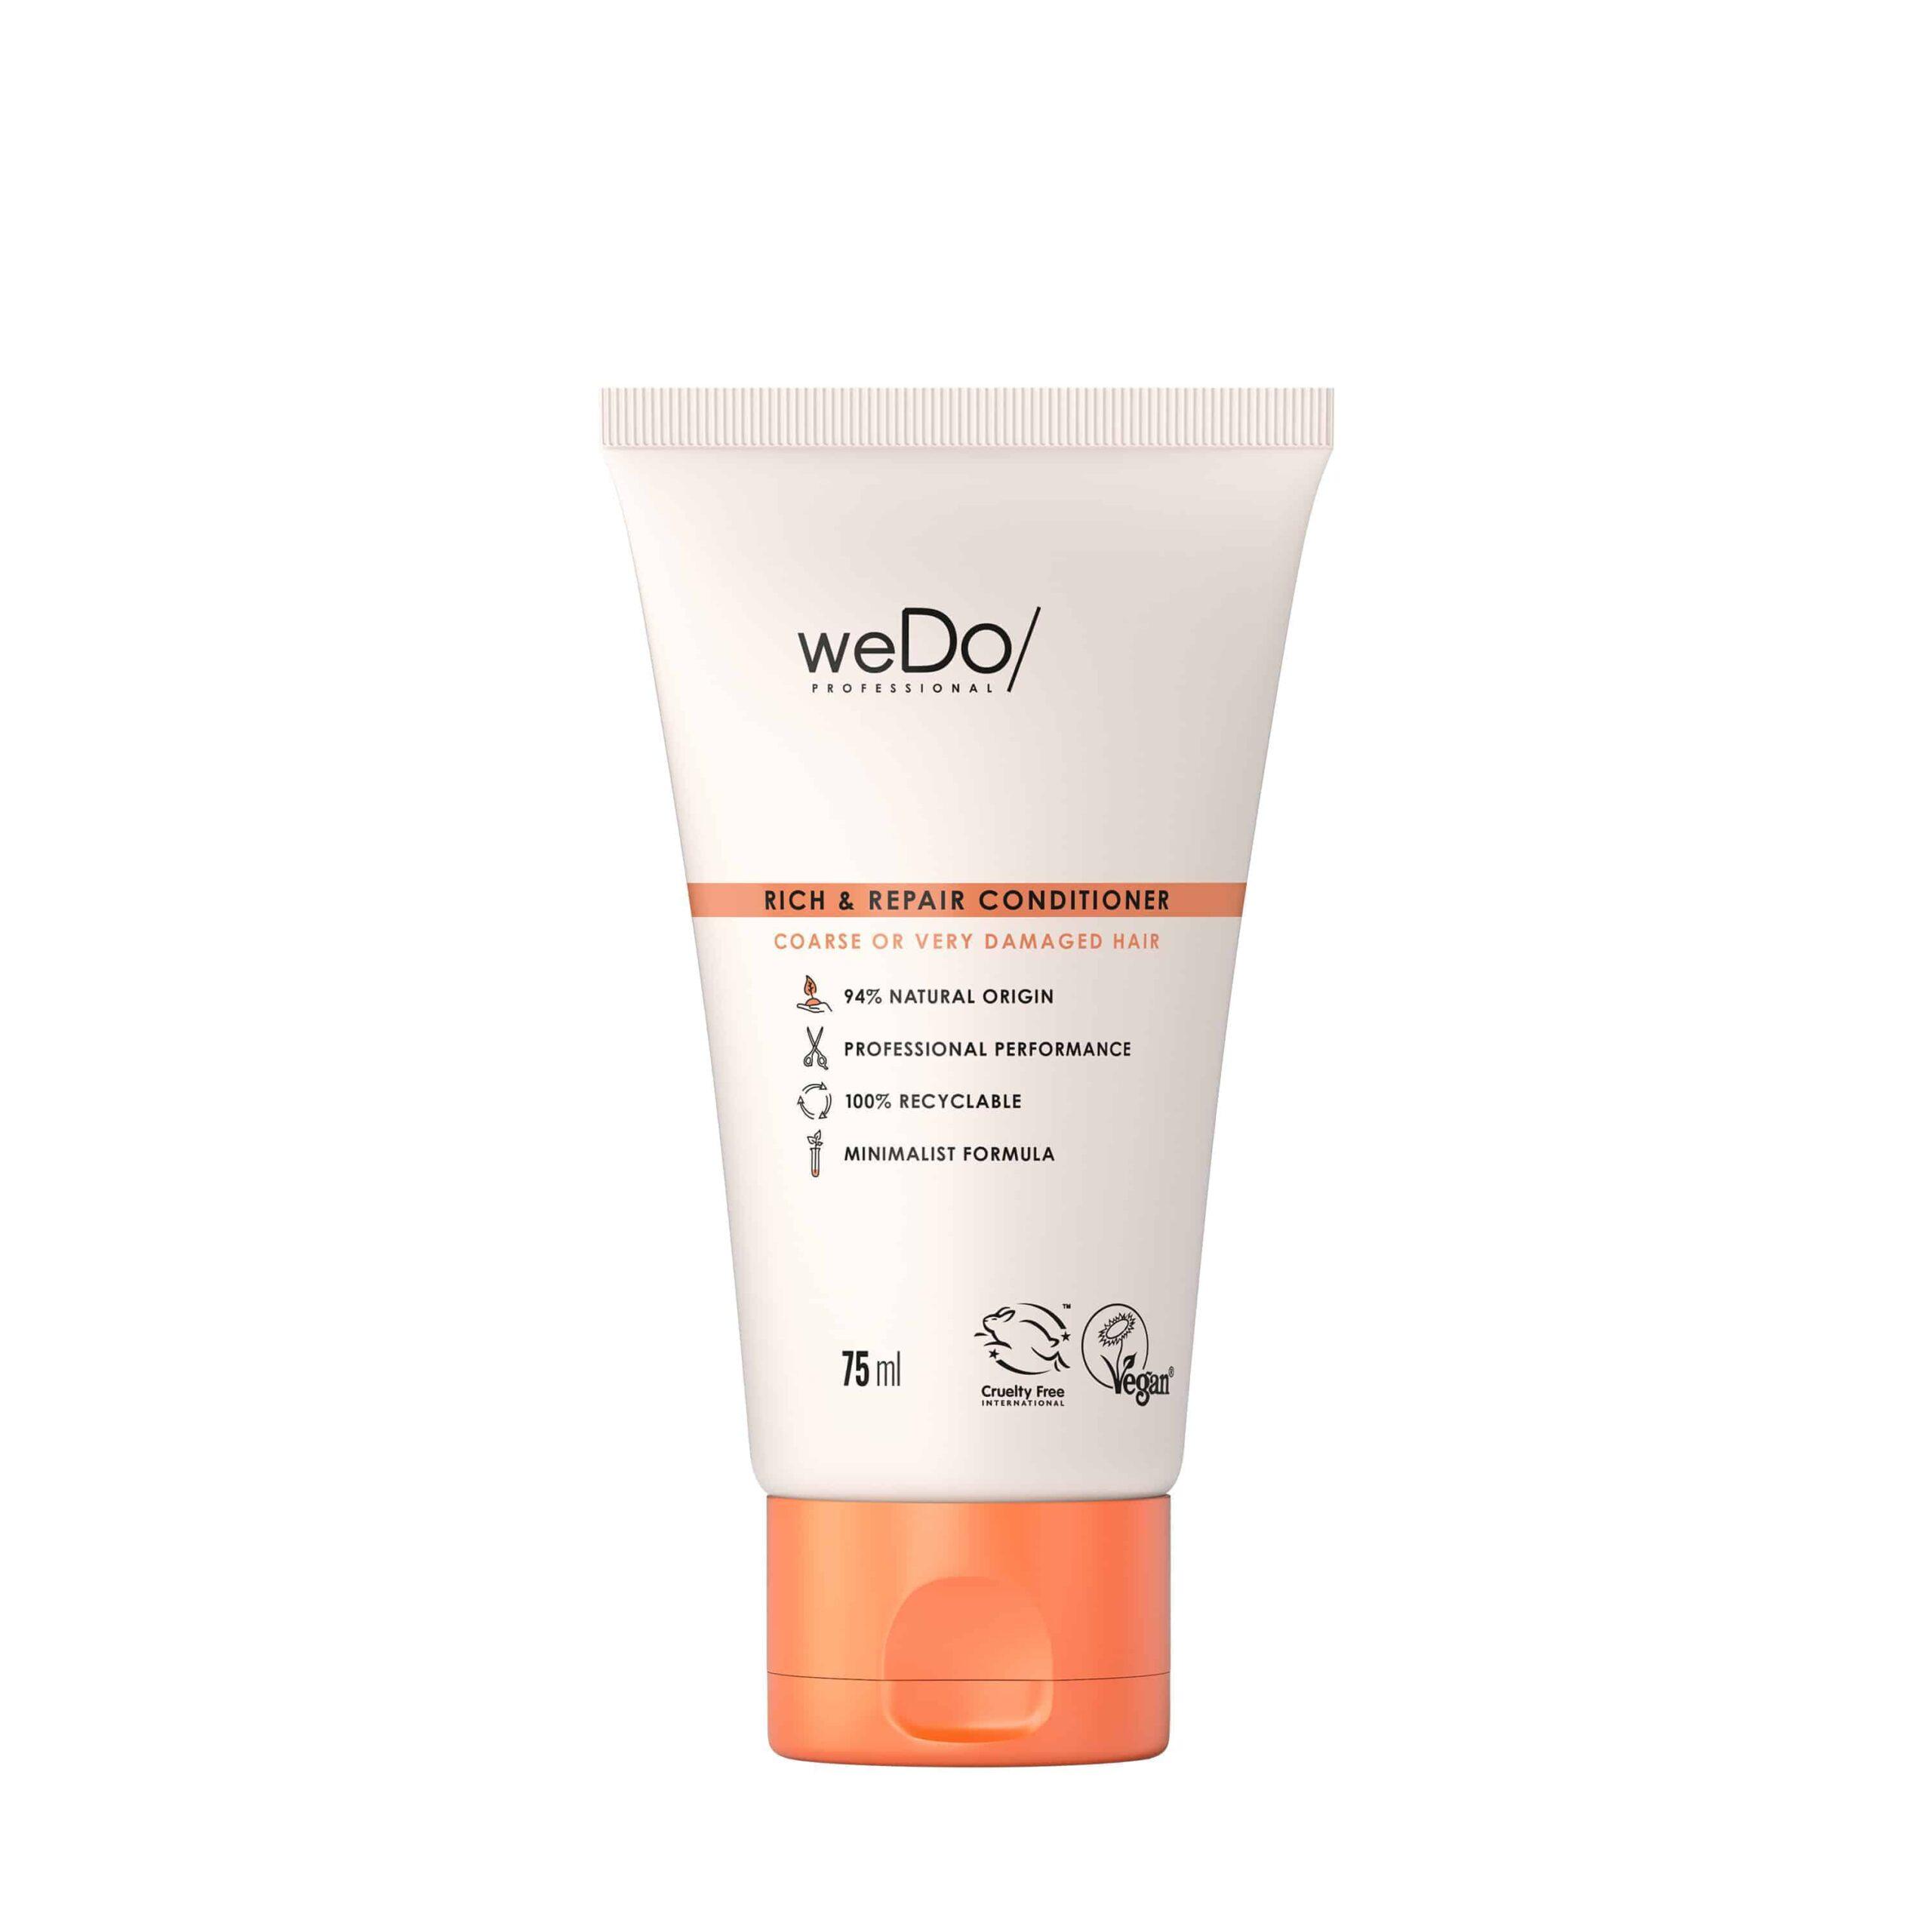 Rich & Repair Conditioner - Schutz vor Haarbruch von weDo/